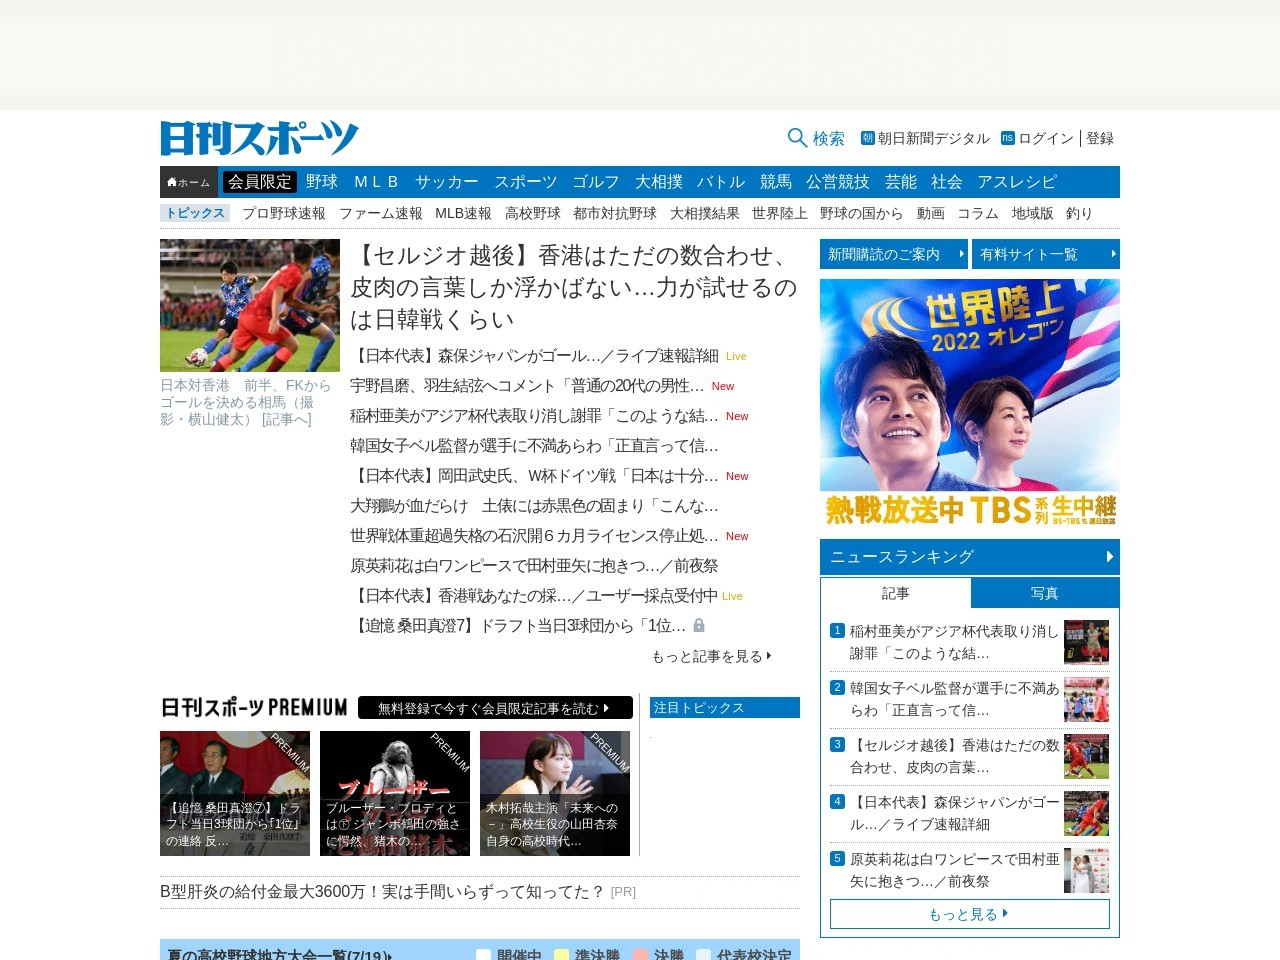 錦織圭-シチパス/楽天ジャパンOP準々決勝速報